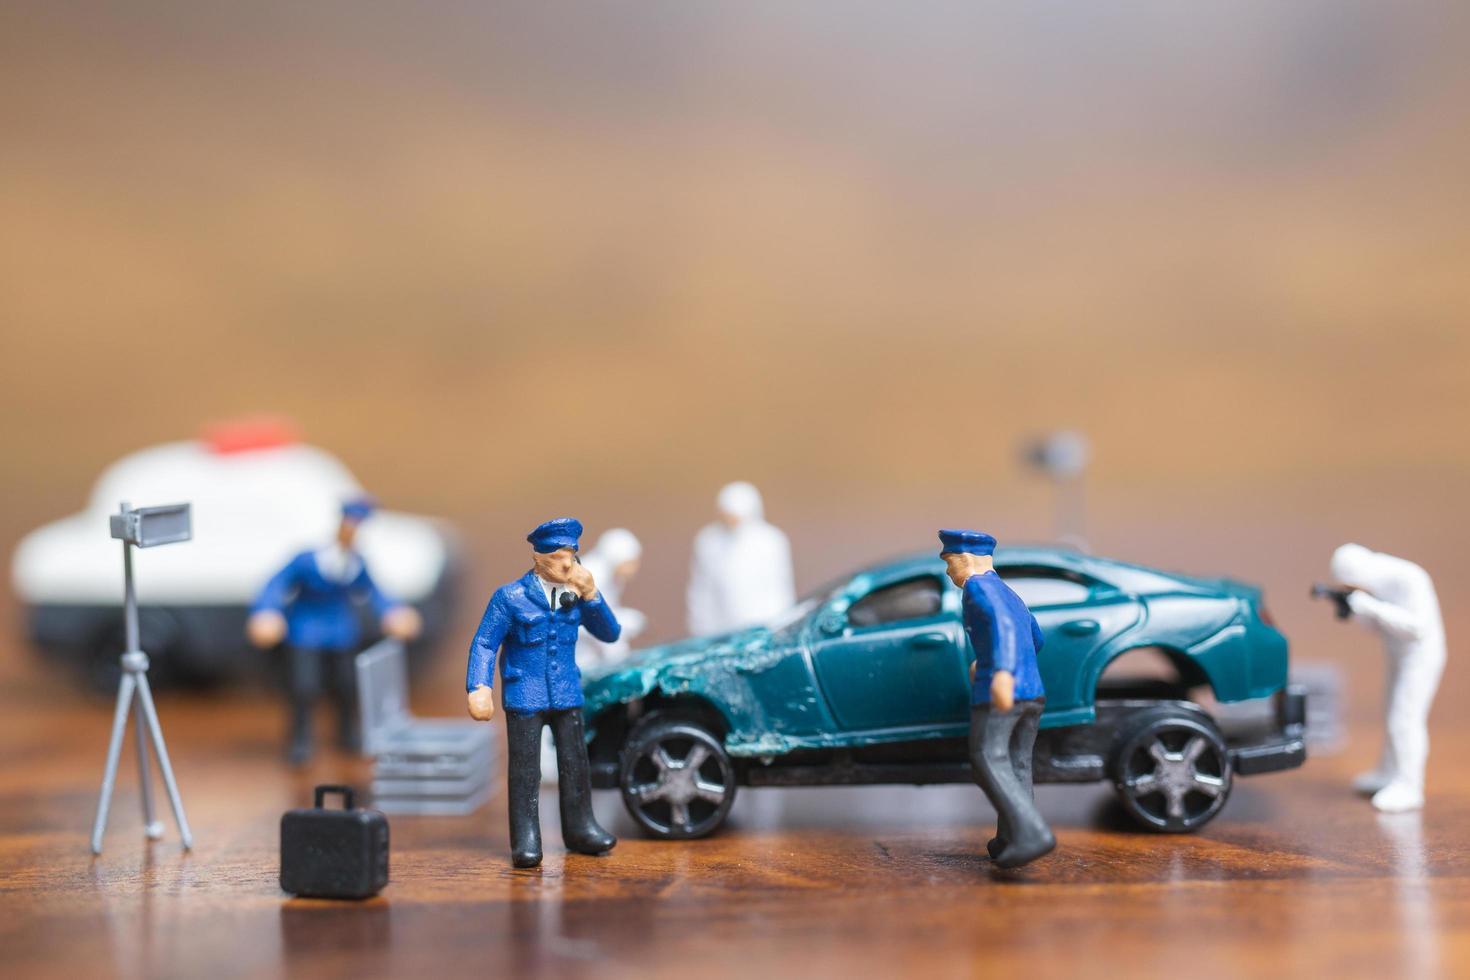 Policía en miniatura y detective de pie alrededor de un automóvil, concepto de investigación de la escena del crimen foto